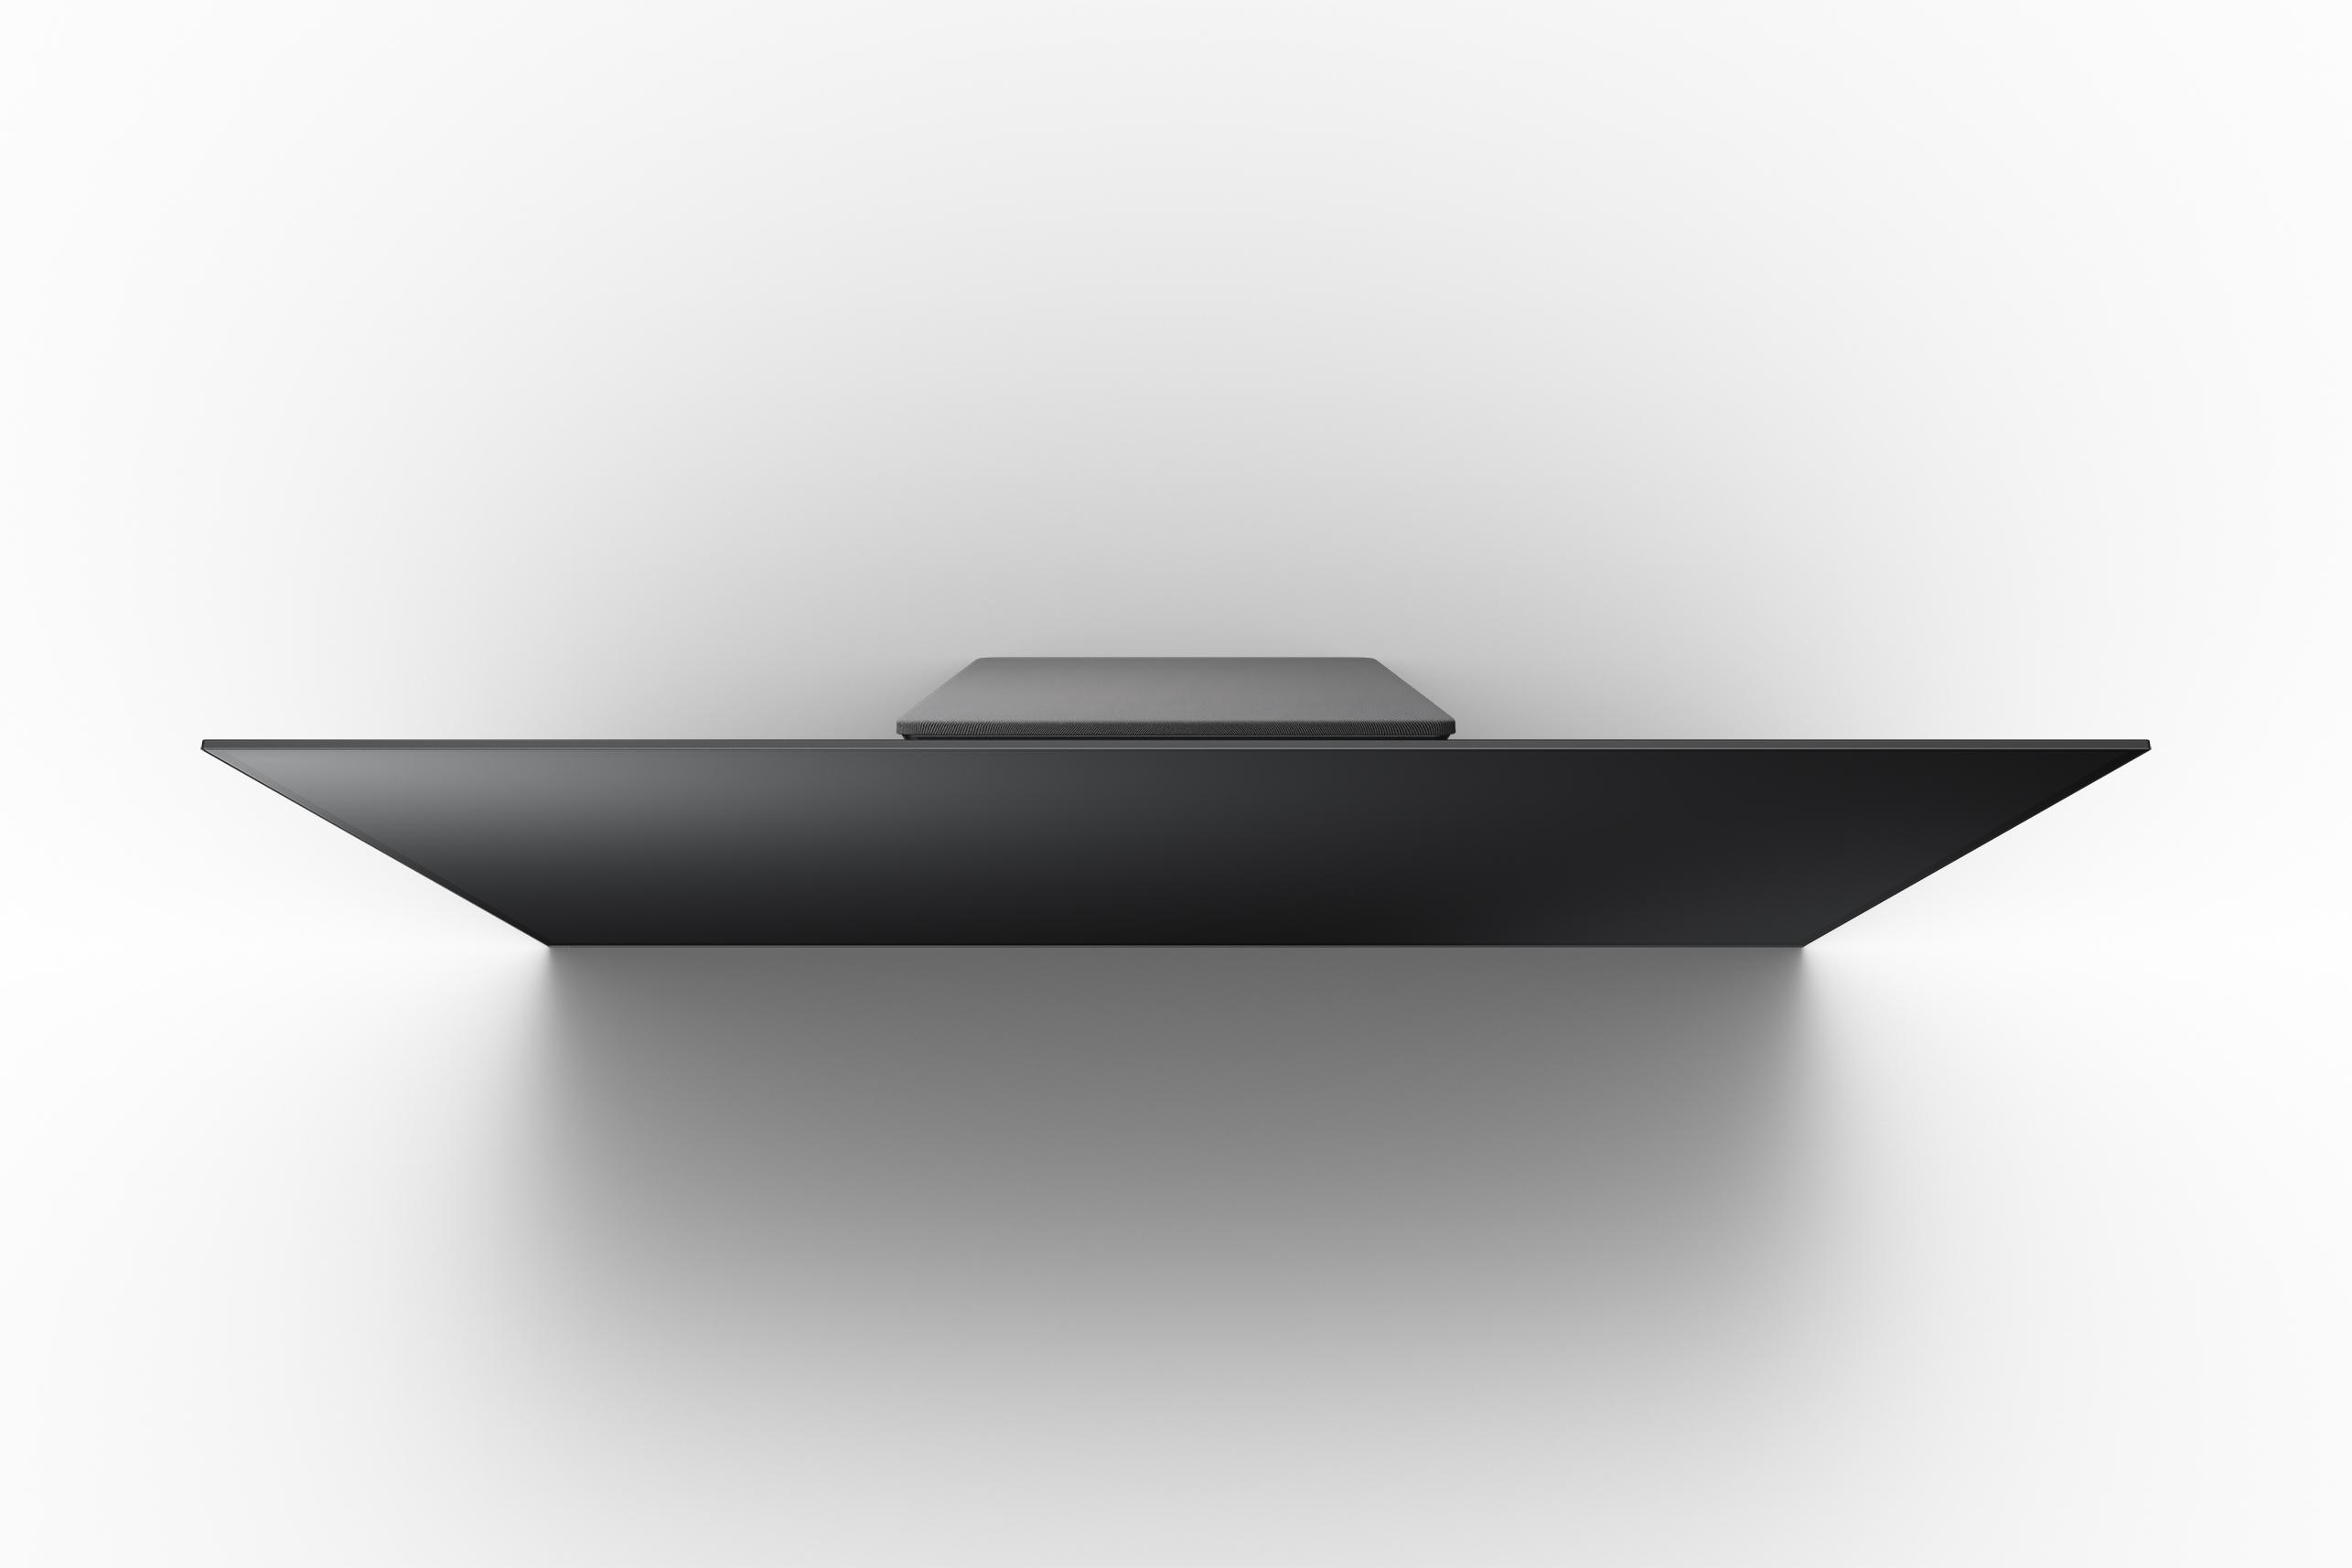 CES 2017 : Sony dévoile ses premières TV avec de l'OLED Bravia en 4K HDR